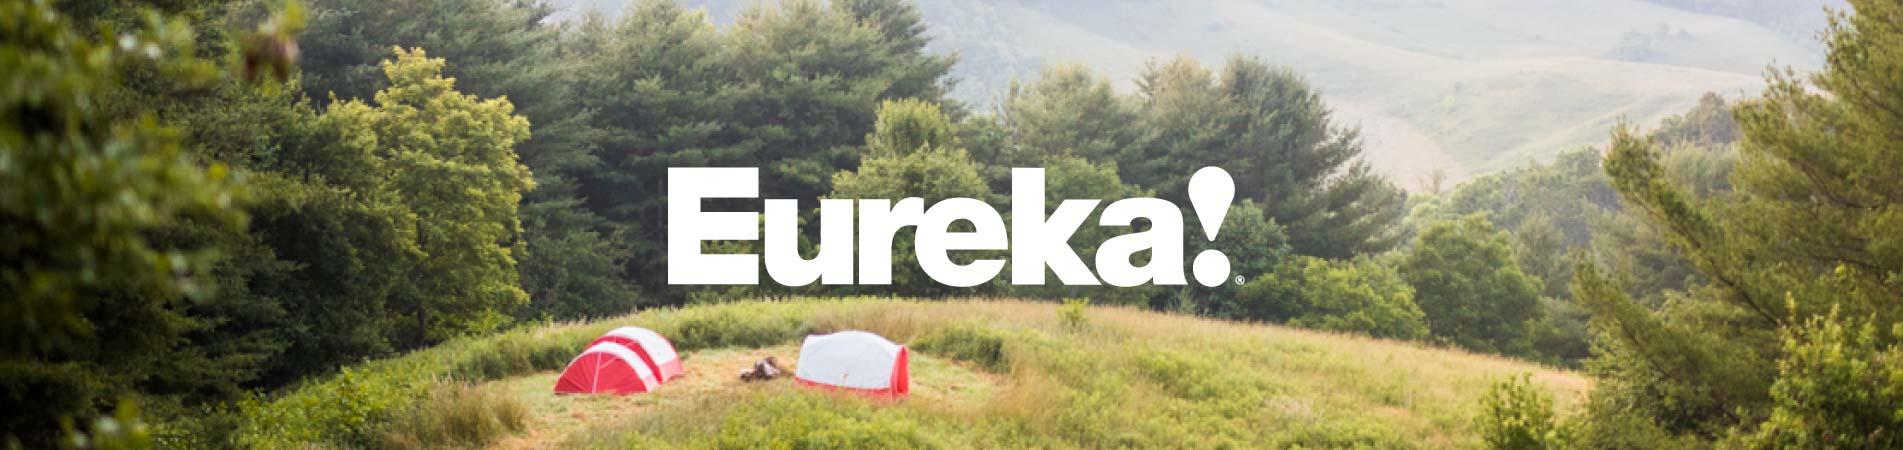 eureka-brand-banner-v1r3.jpg